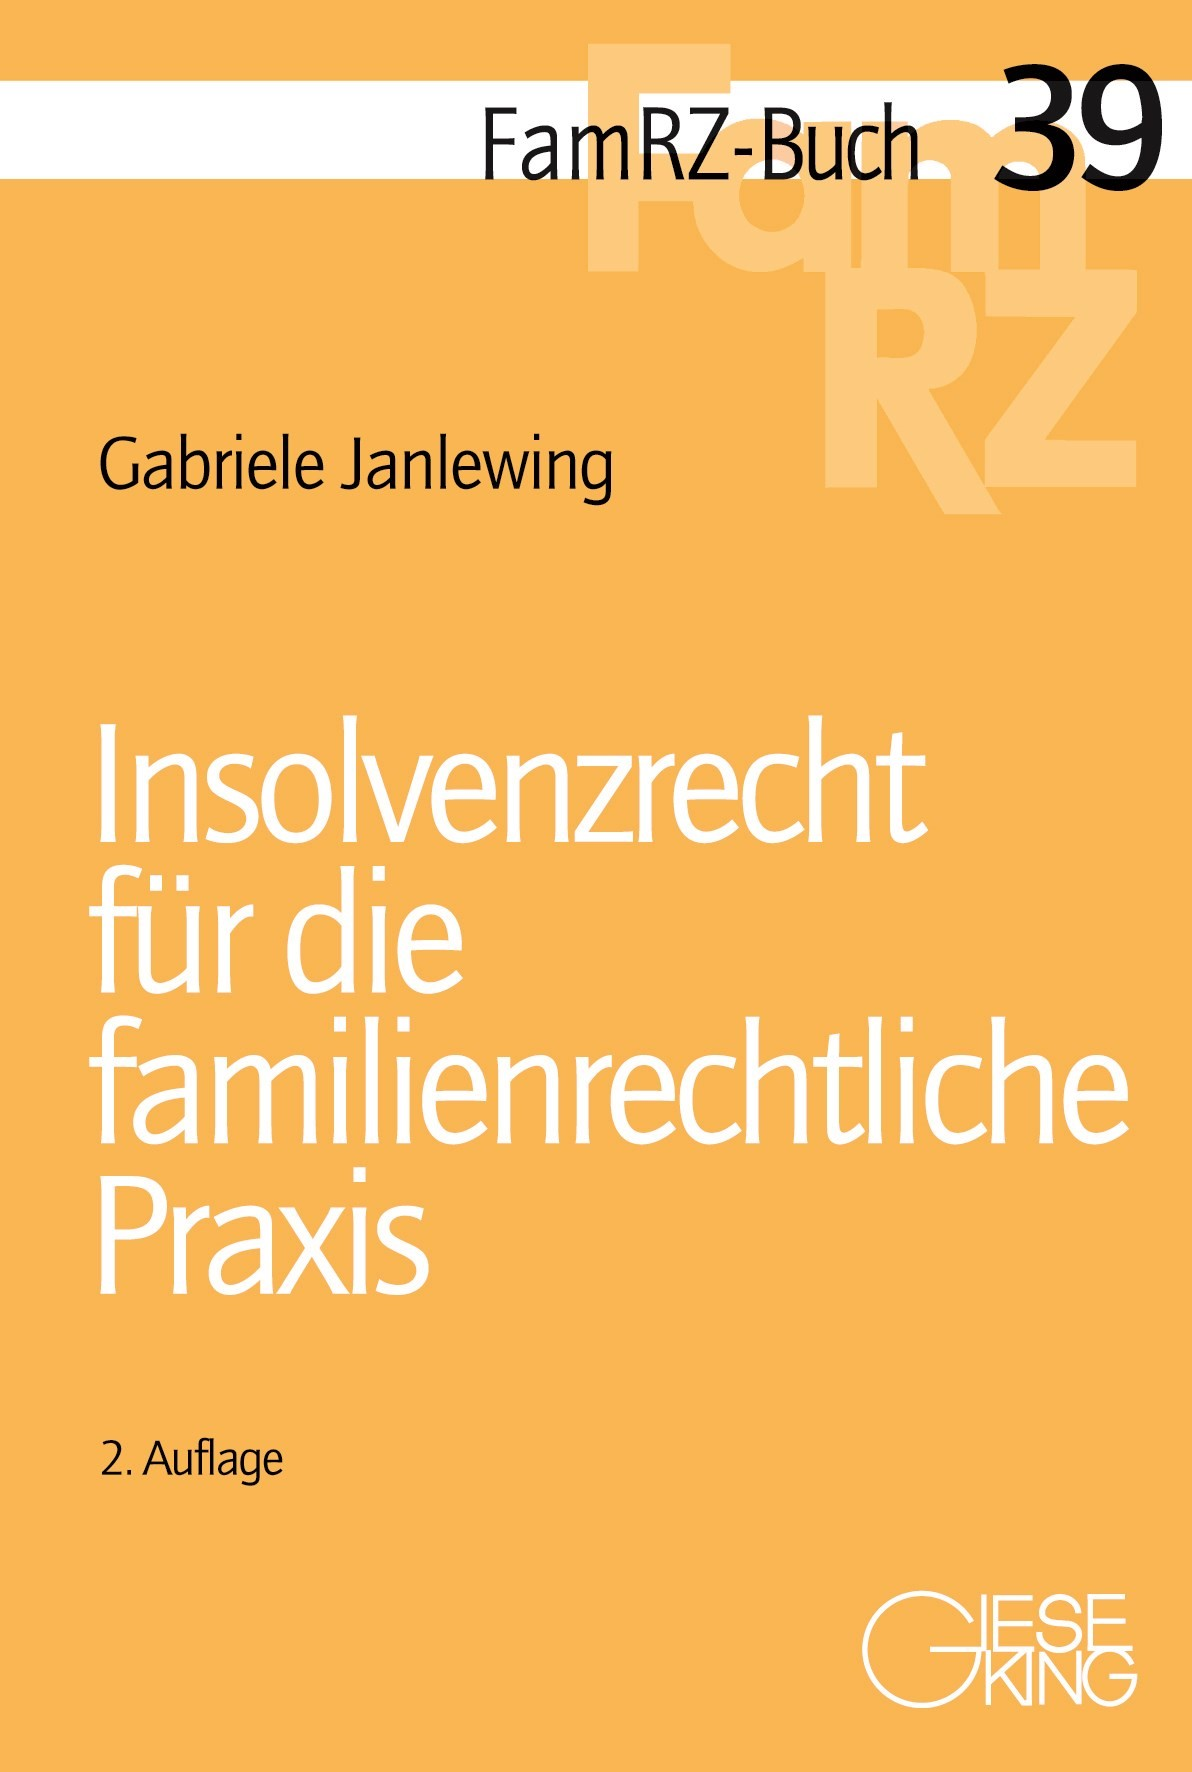 Insolvenzrecht für die familienrechtliche Praxis | Janlewing | 2., neu bearbeitete Auflage, 2018 | Buch (Cover)